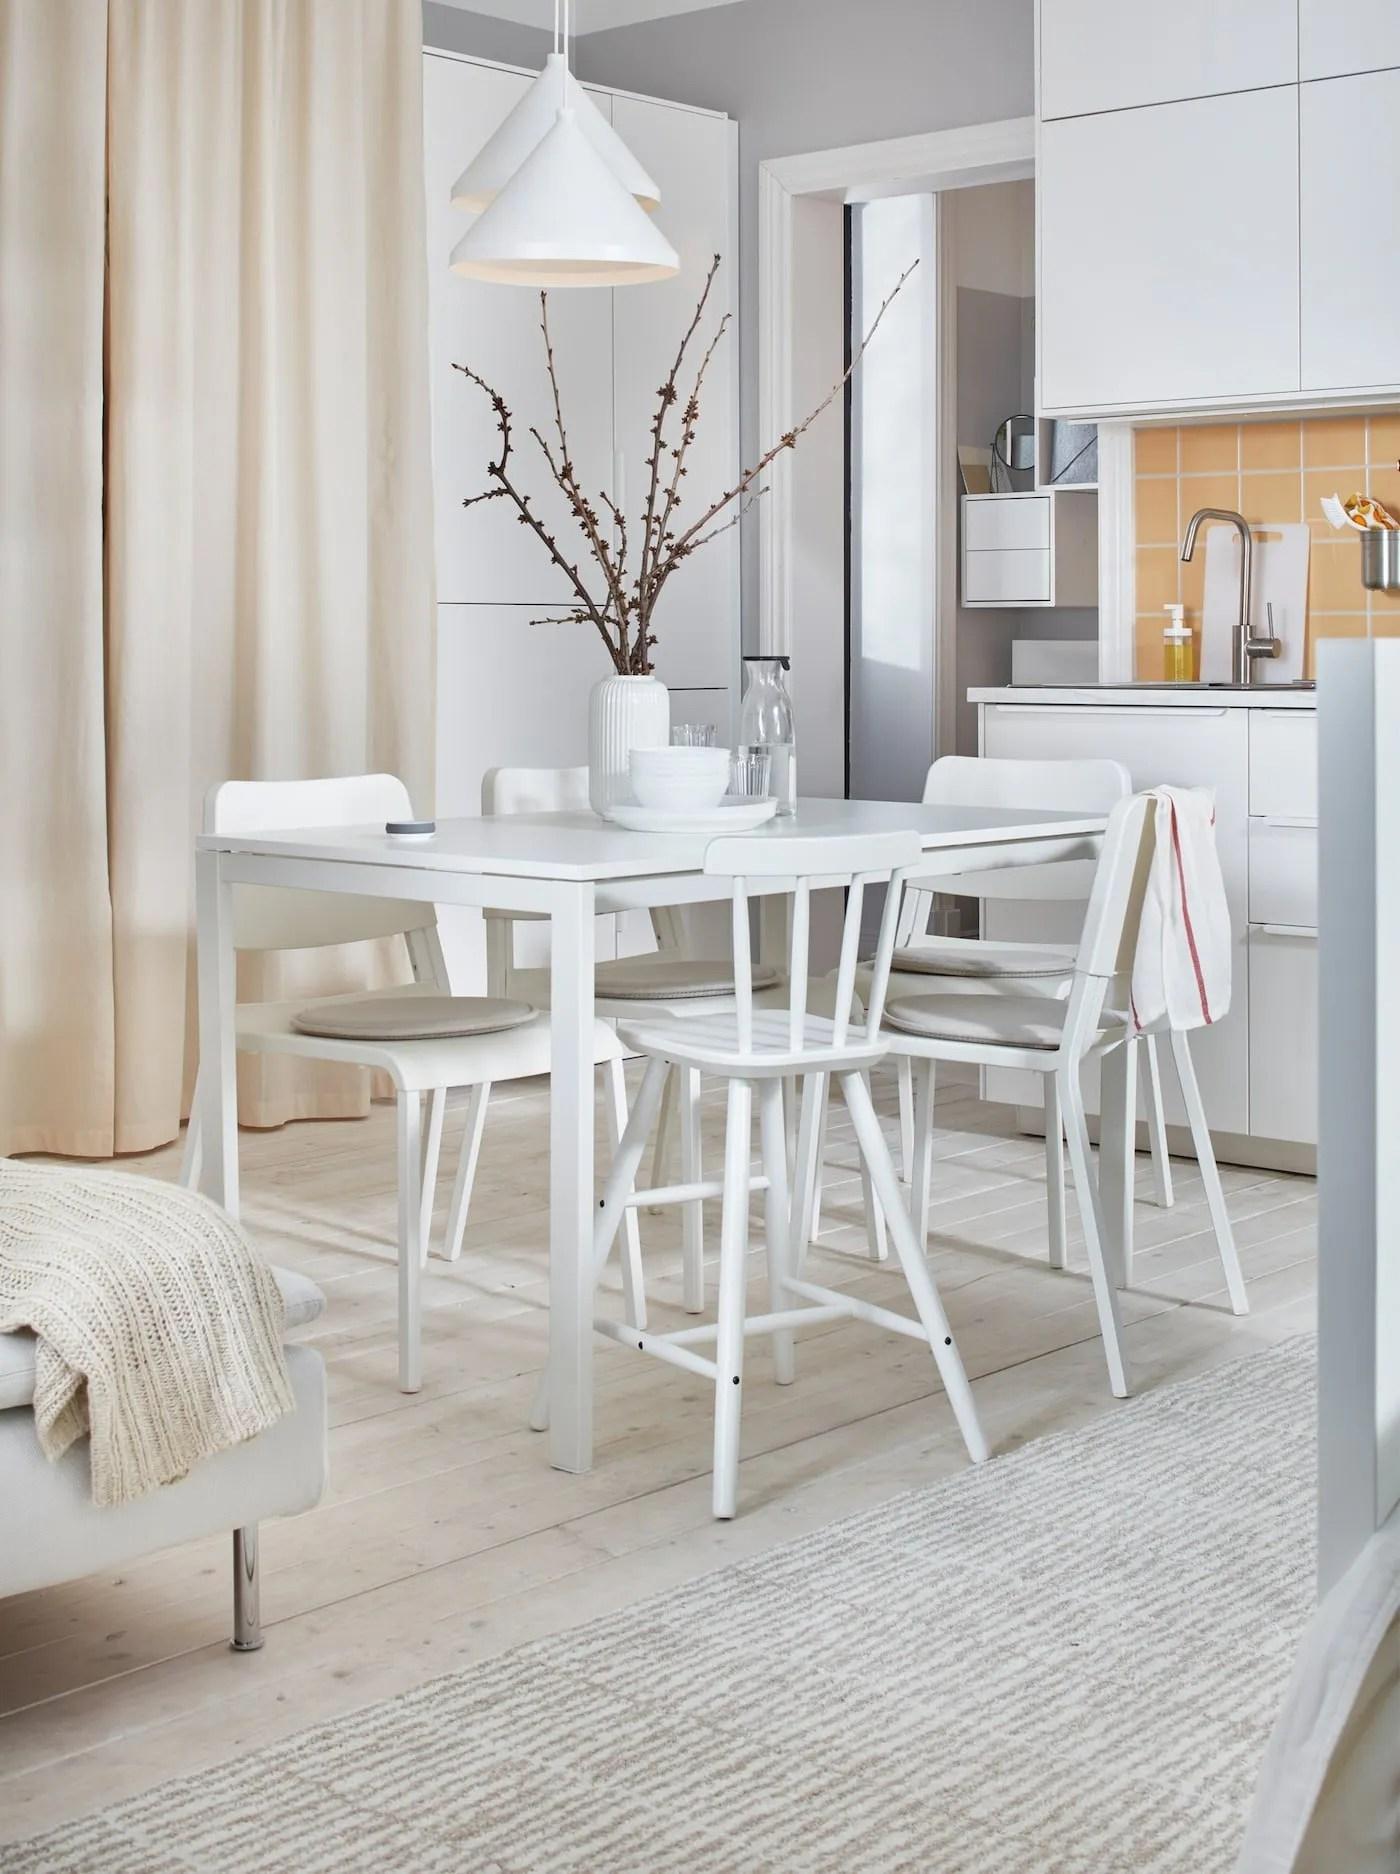 Best Arrivals From The New Ikea Catalogue 2021 Thatscandinavianfeeling Com